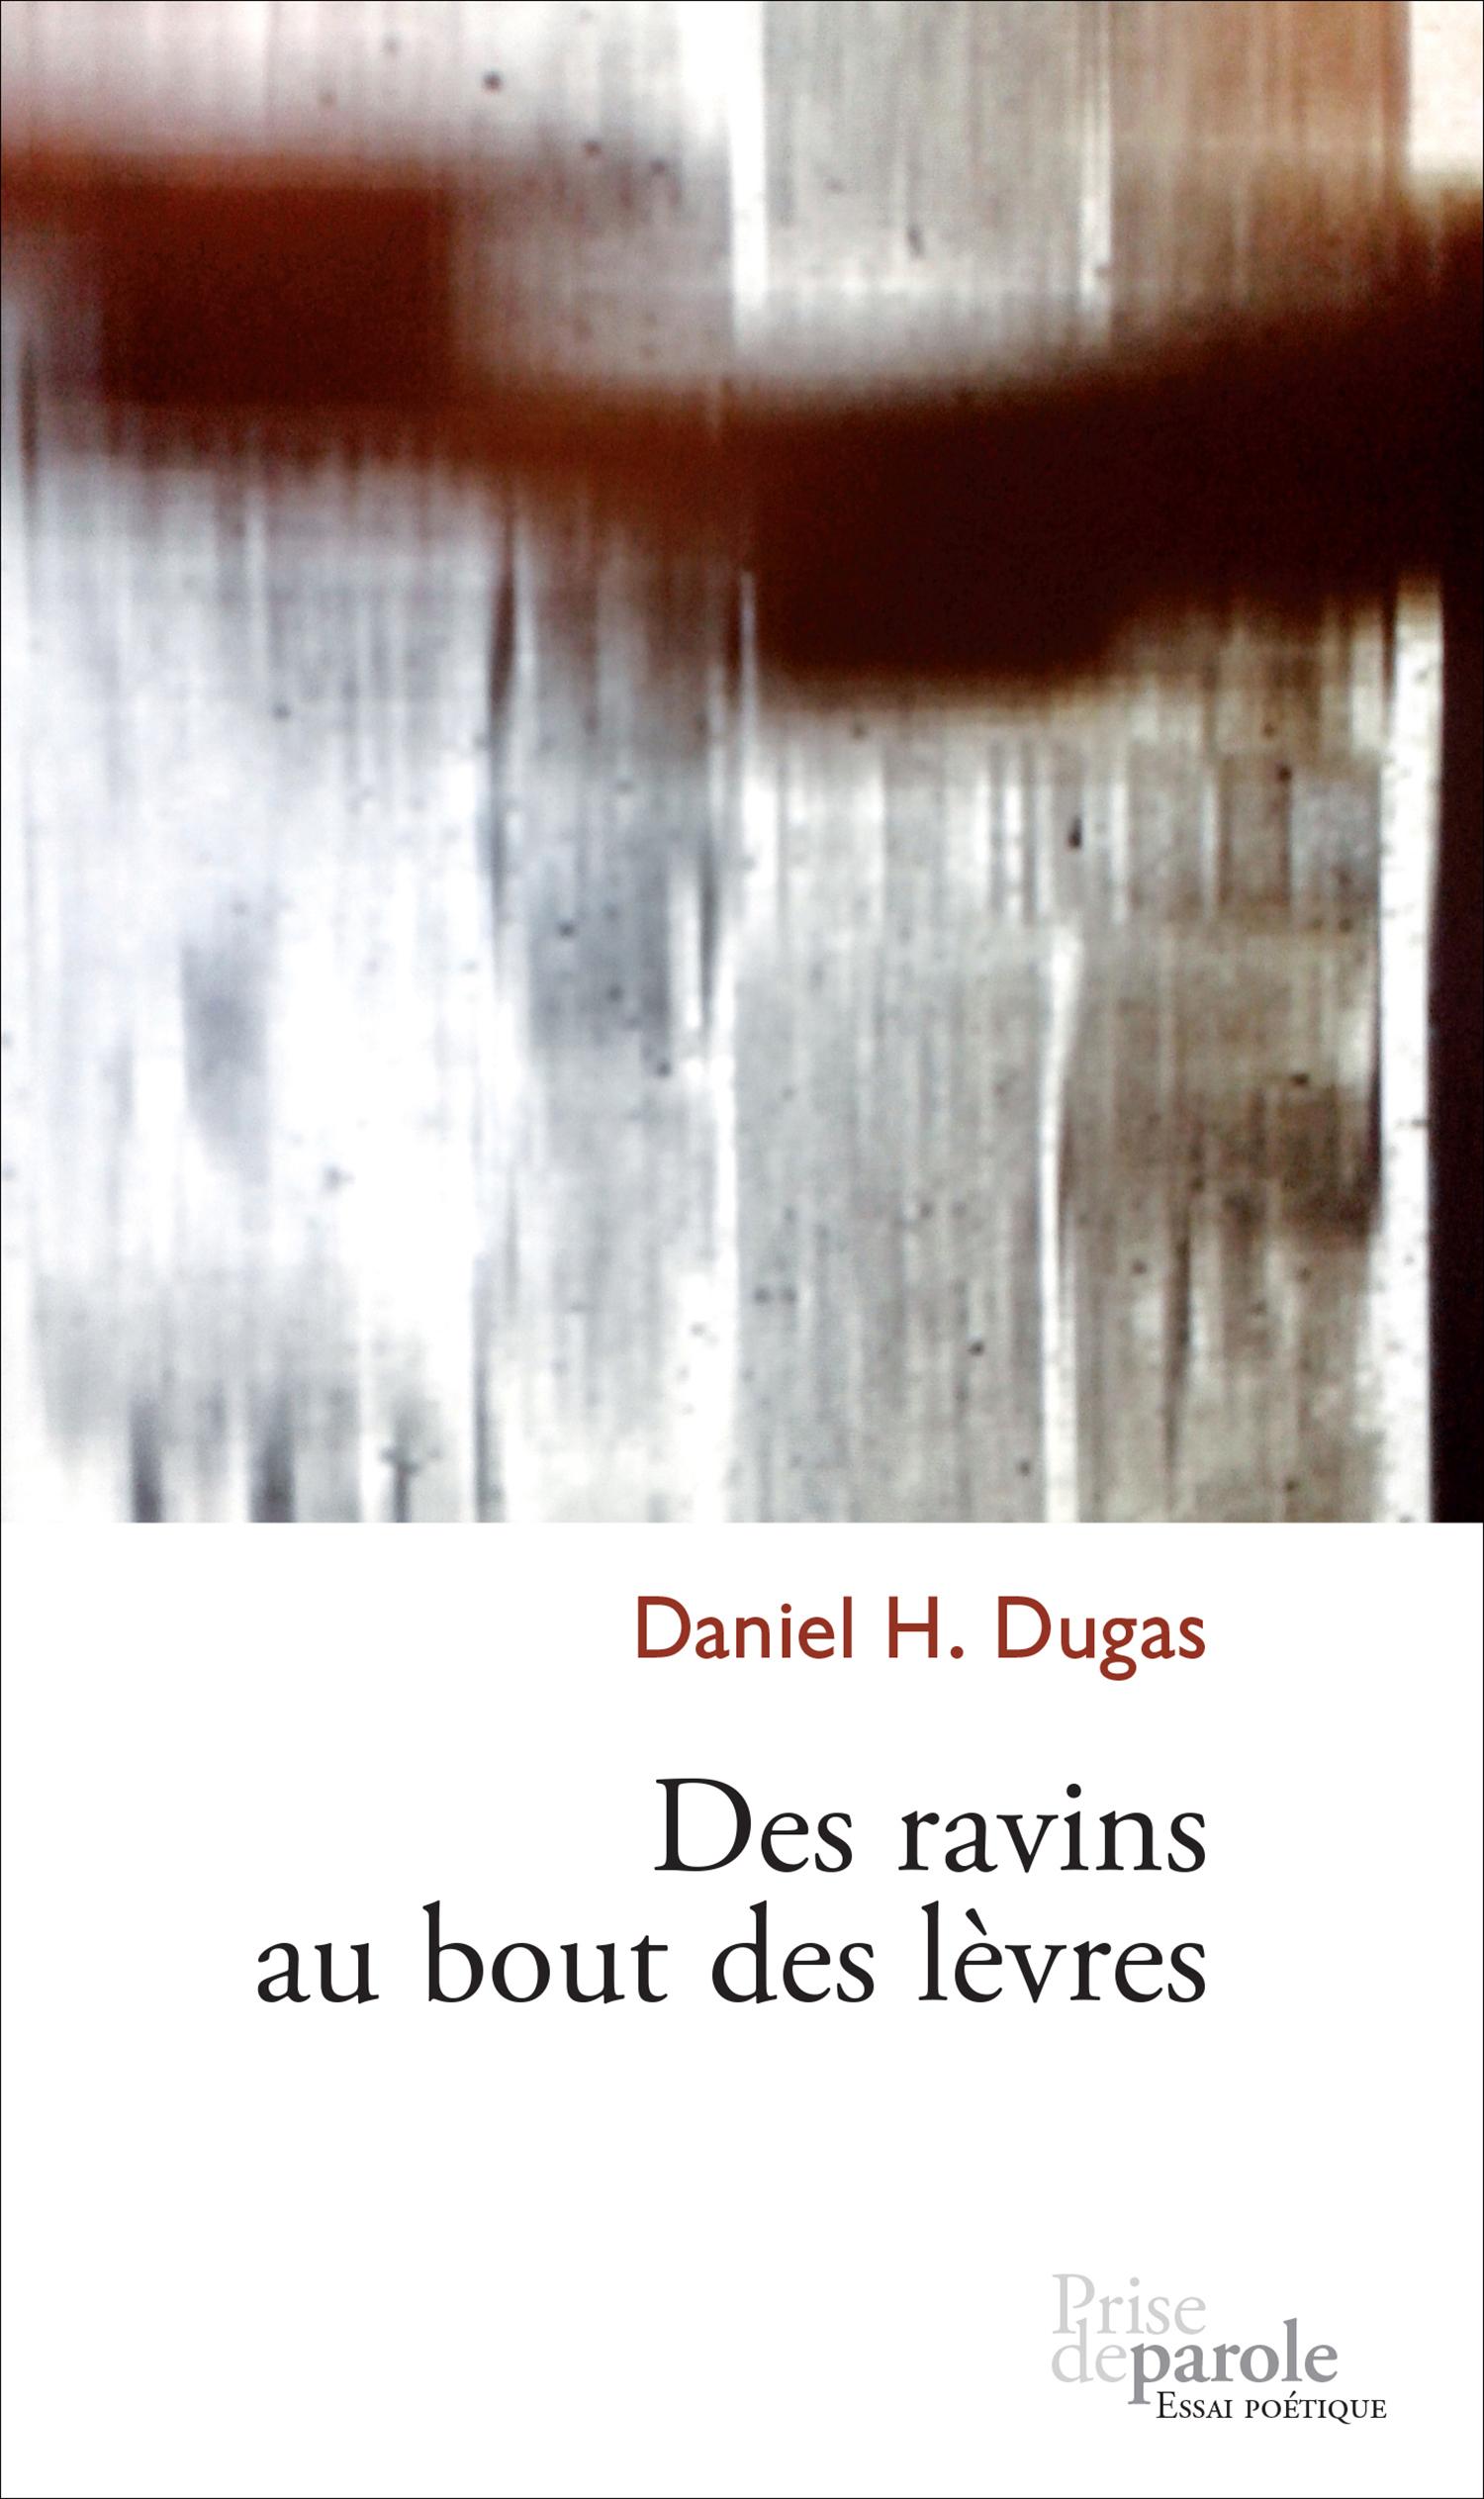 DES RAVINS AU BOUT DES LEVRES